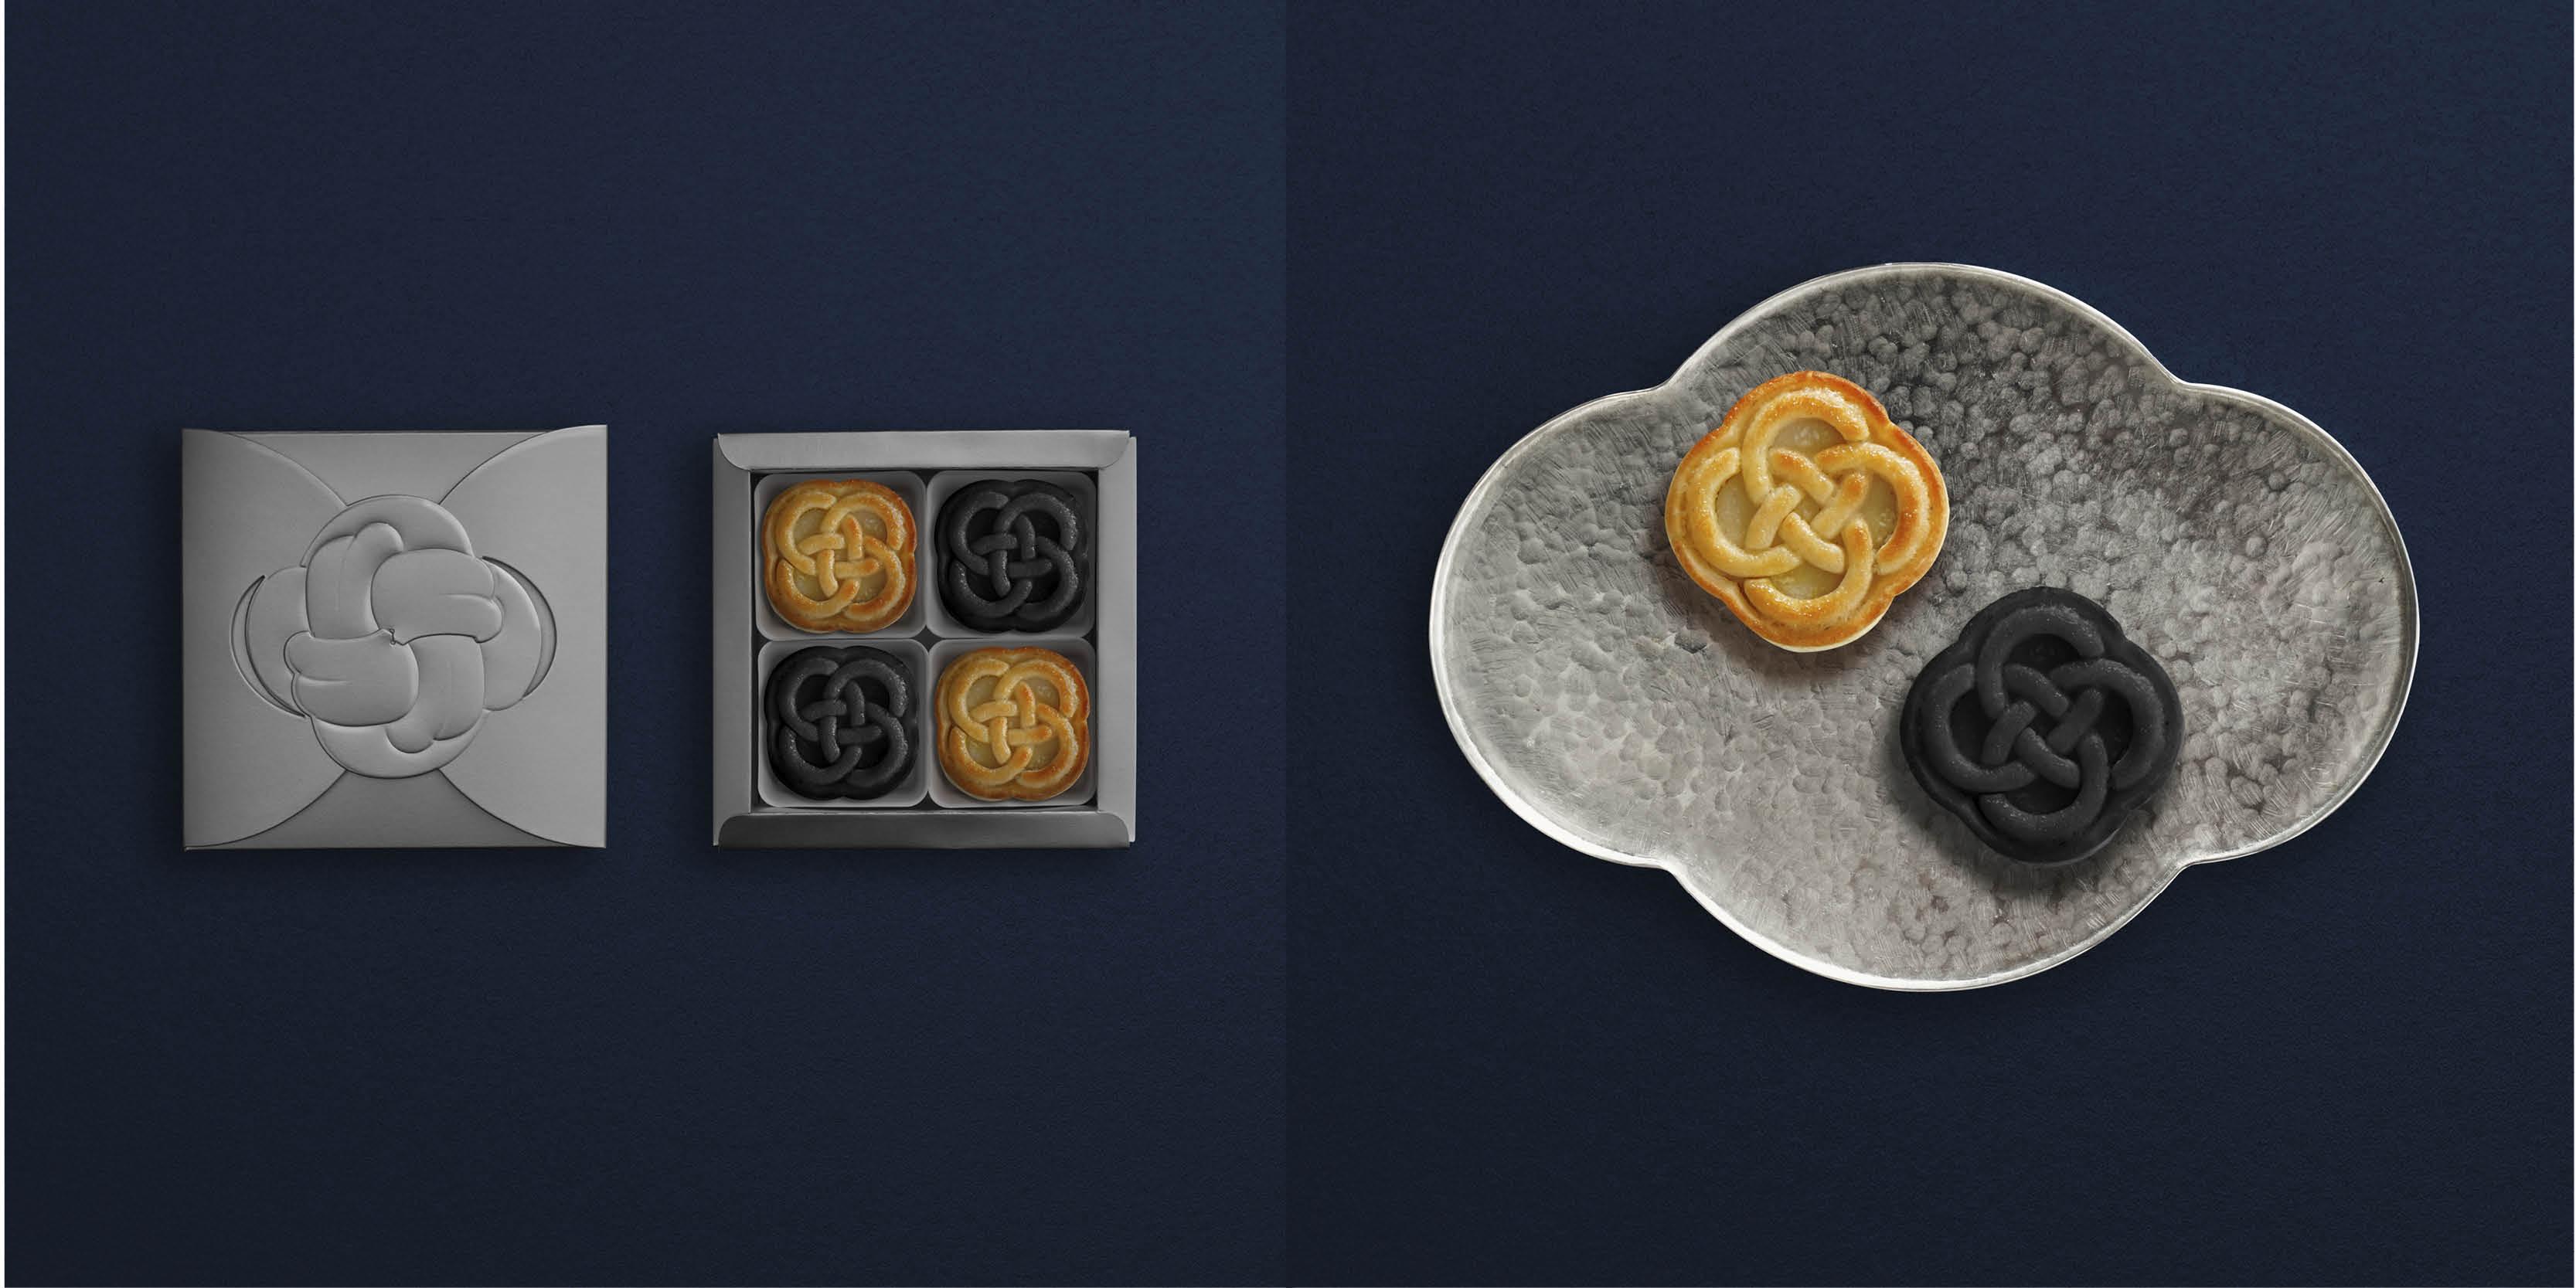 本地純素甜點品牌moono今年推出的月餅禮盒 As The Moon Vegan Mooncake Box Set(一盒四件,$320)  ,繼續標榜百分百純素及無麩質,兩款口味(純素南瓜奶黃月餅、純素奶香烏龍麻糬月餅)均以曲奇皮構成,表面那深邃而精緻的「御結」刻紋,代表着佳節裏的祝福及團圓。包裝雅致之餘,也富有環保概念,採用可循環再造物料的紙盒,配以甘蔗纖維製造的月餅托盤和可完全分解的密封袋盛載。送禮之時也不忘對地球的關顧。